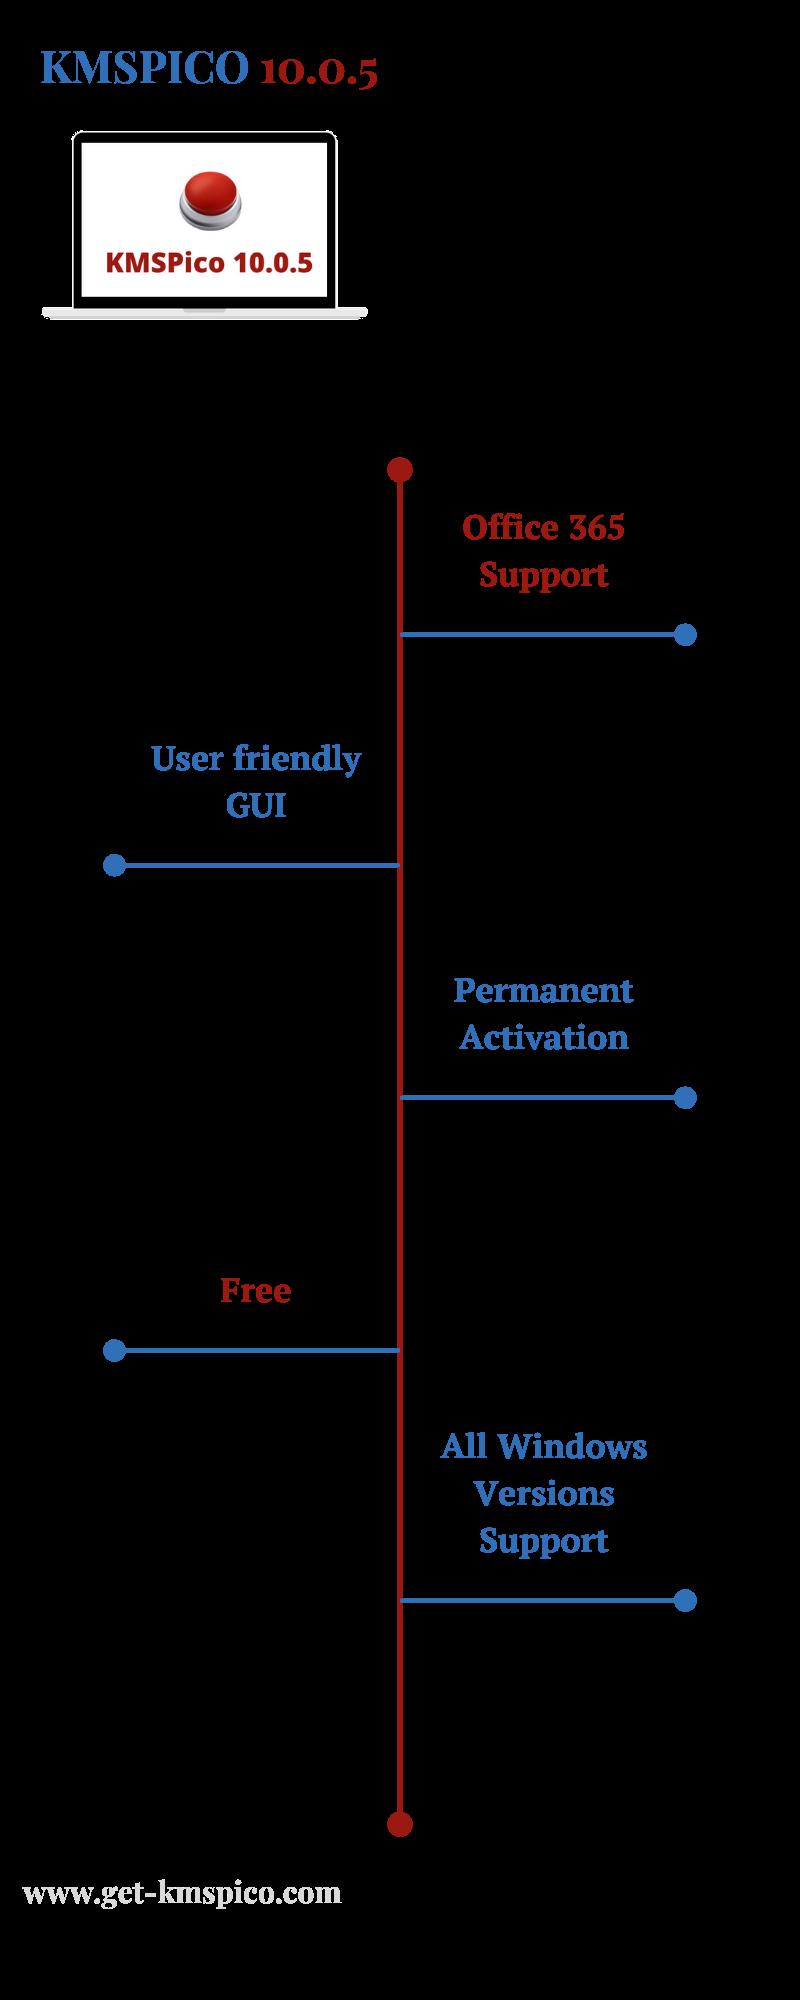 KMSPico-10.0.5-Infographic